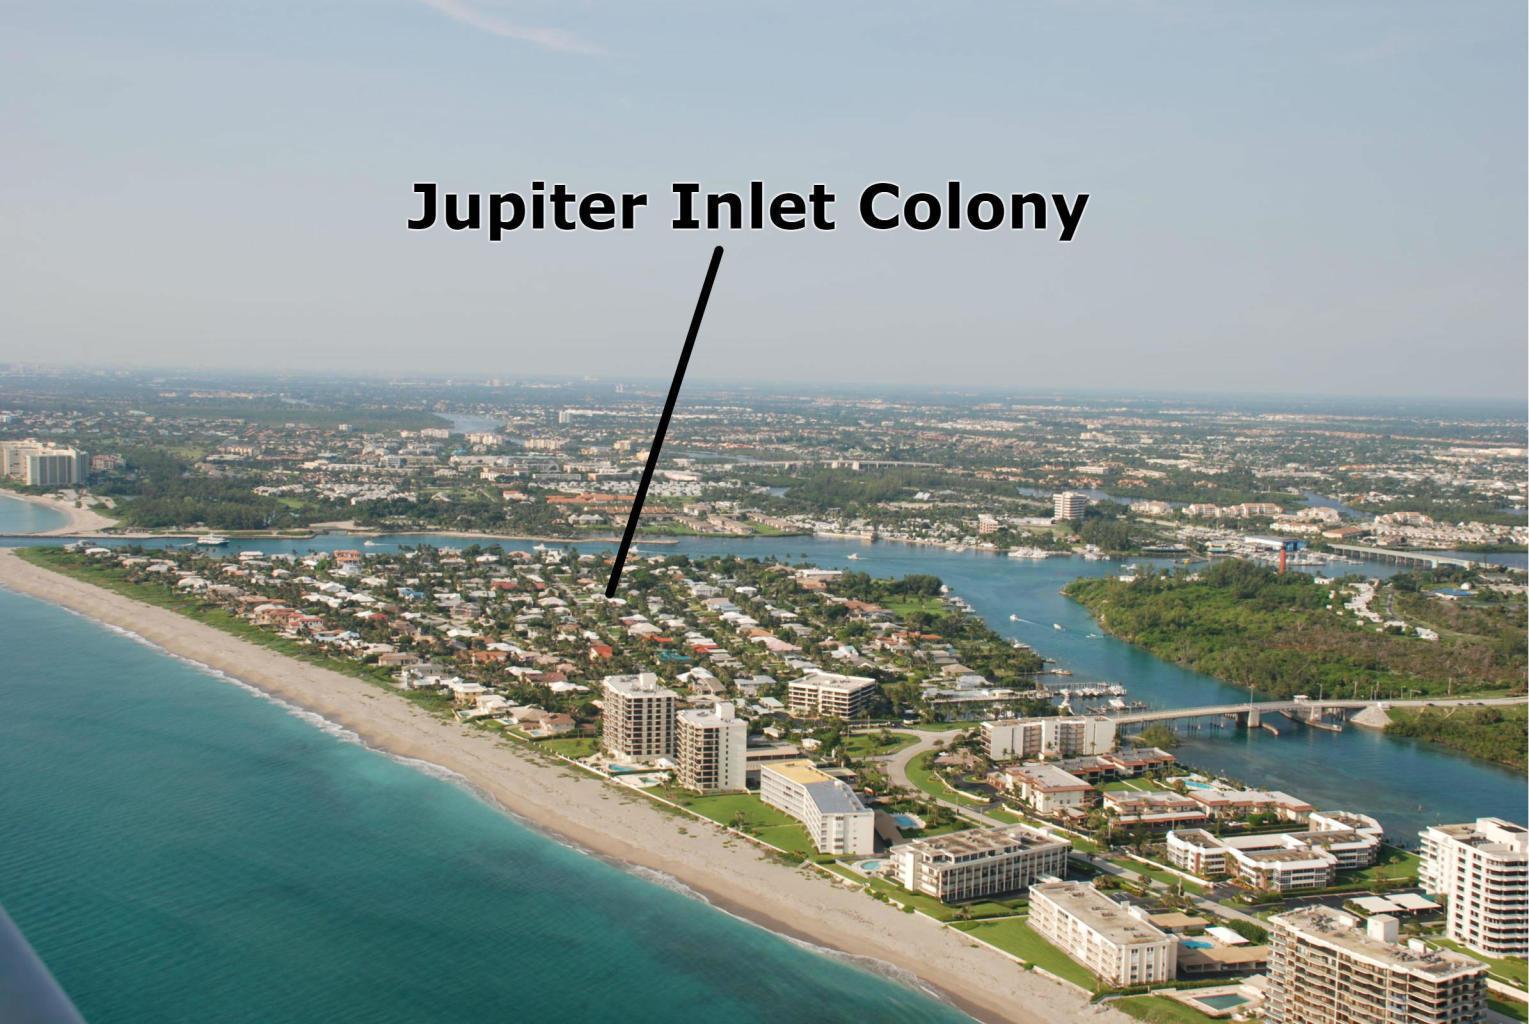 JUPITER INLET COLONY PROPERTY